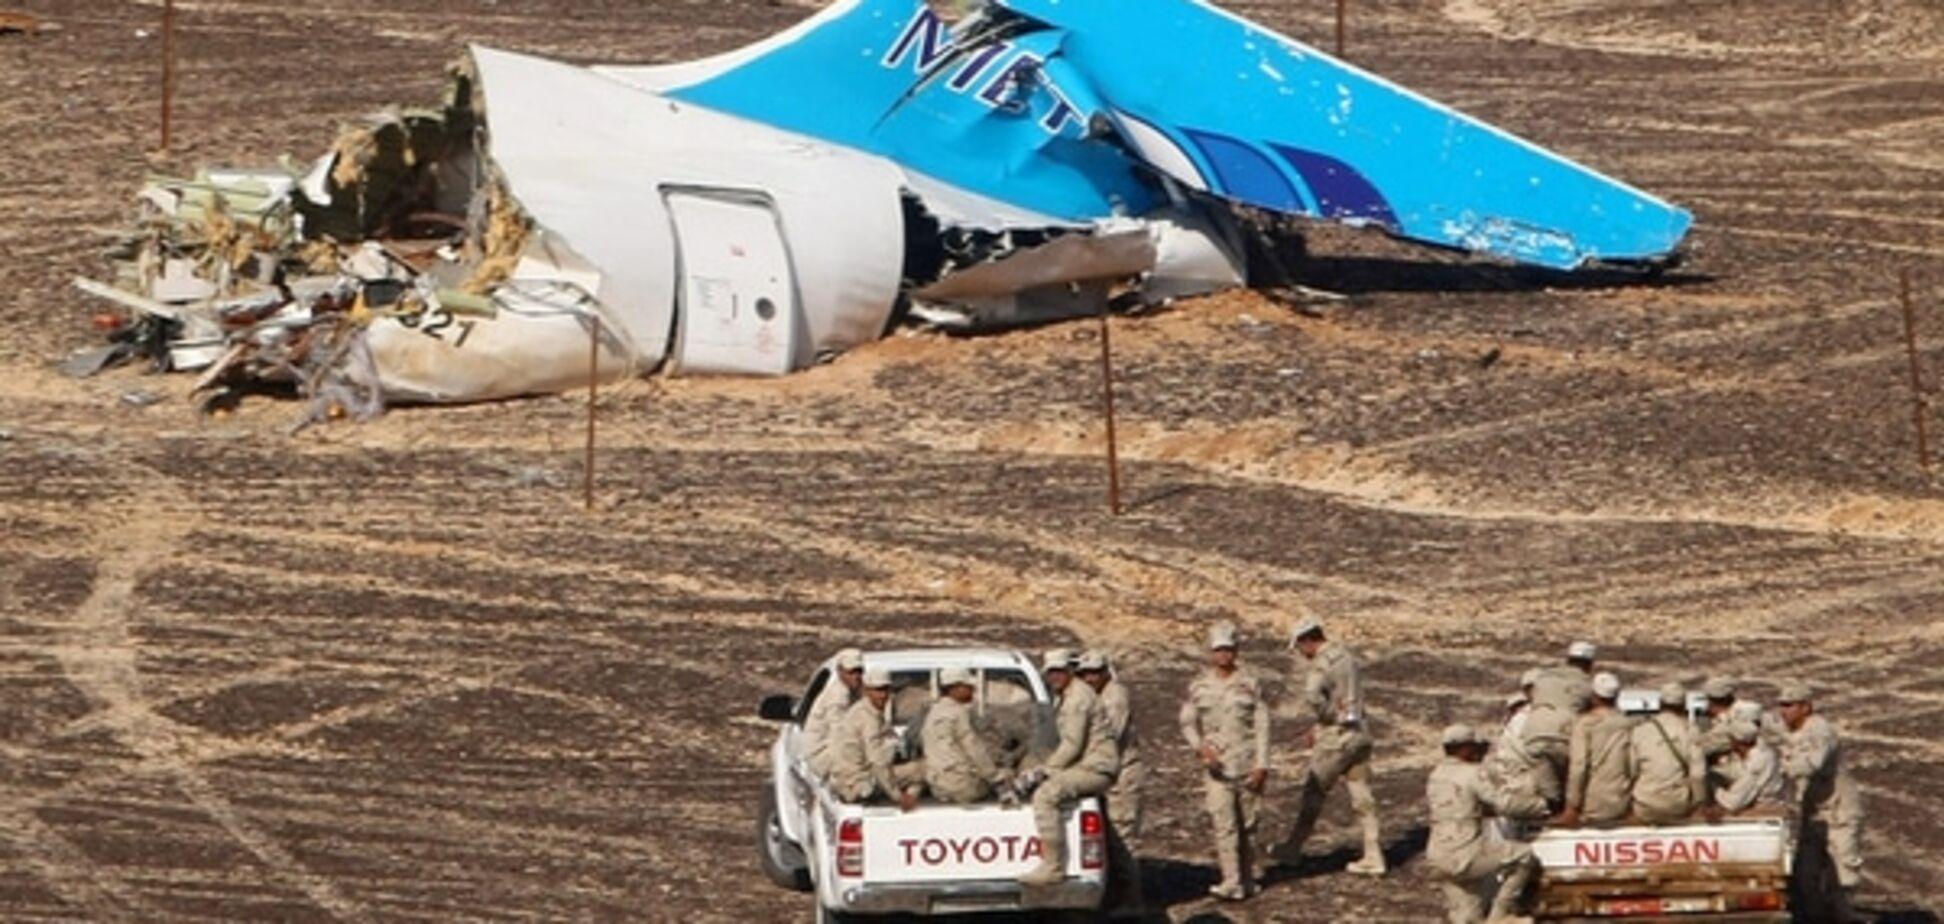 Розвідка перехопила переписку терористів ІДІЛ про бомбу на борту А321 - The Times